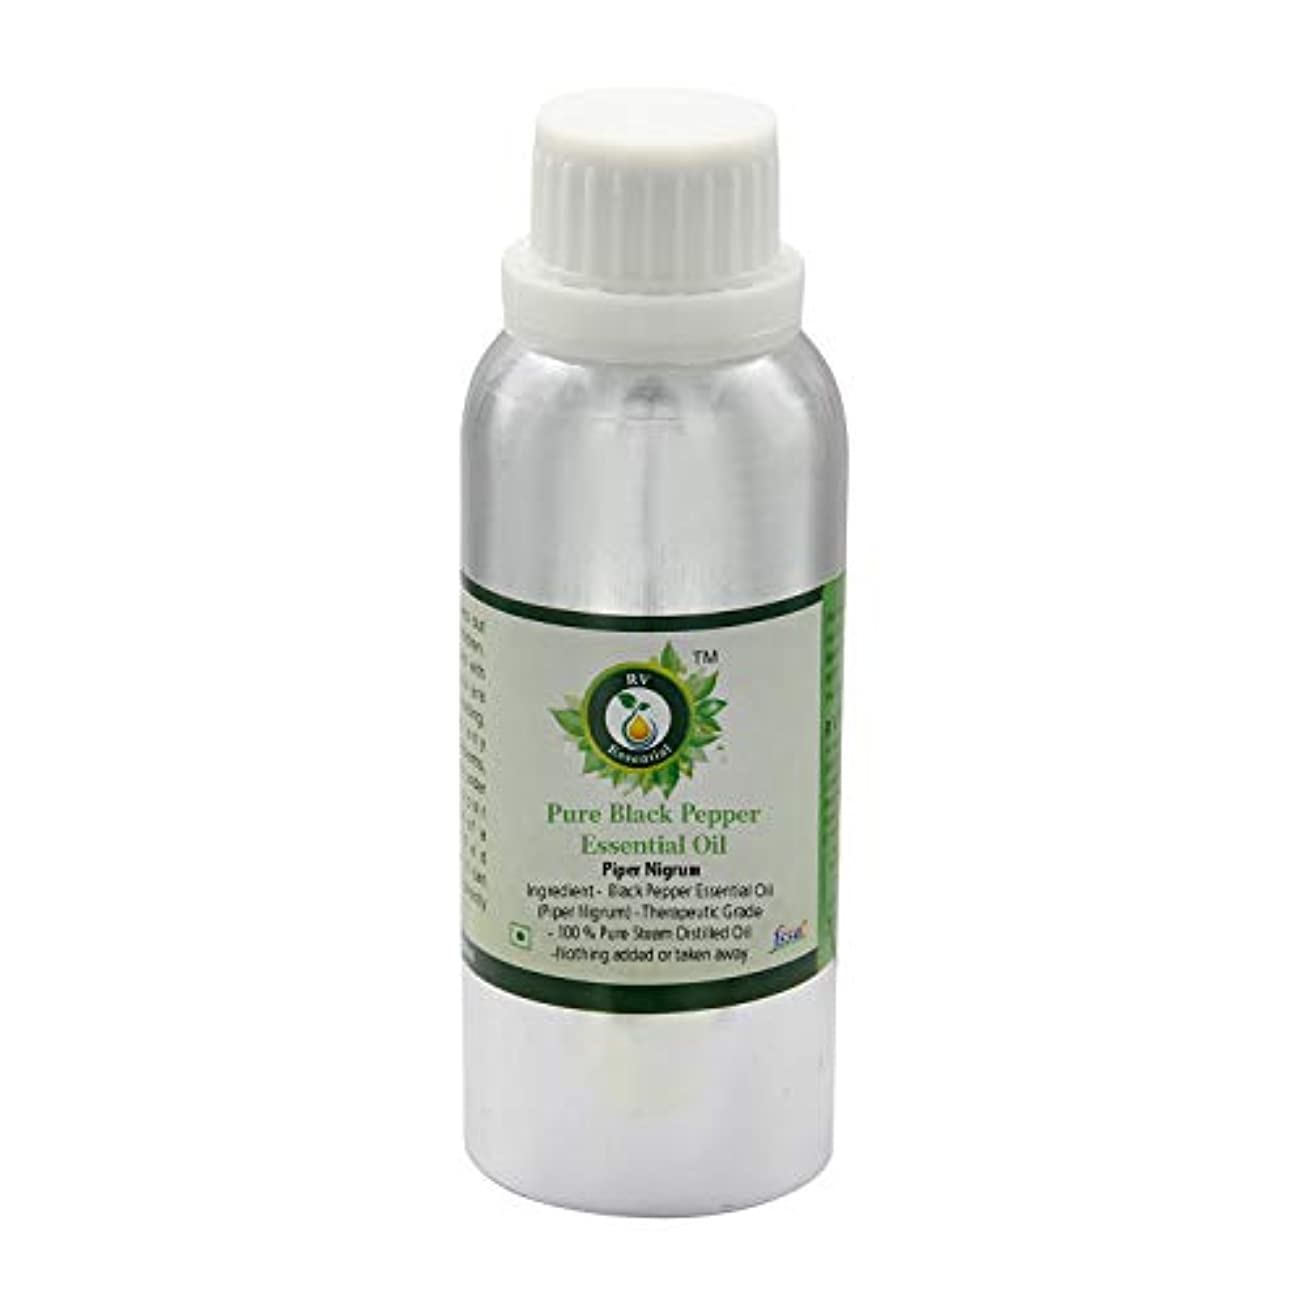 誤廃止するヒステリックR V Essential ピュアブラックペッパーエッセンシャルオイル630ml (21oz)- Piper Nigrum (100%純粋&天然スチームDistilled) Pure Black Pepper Essential...